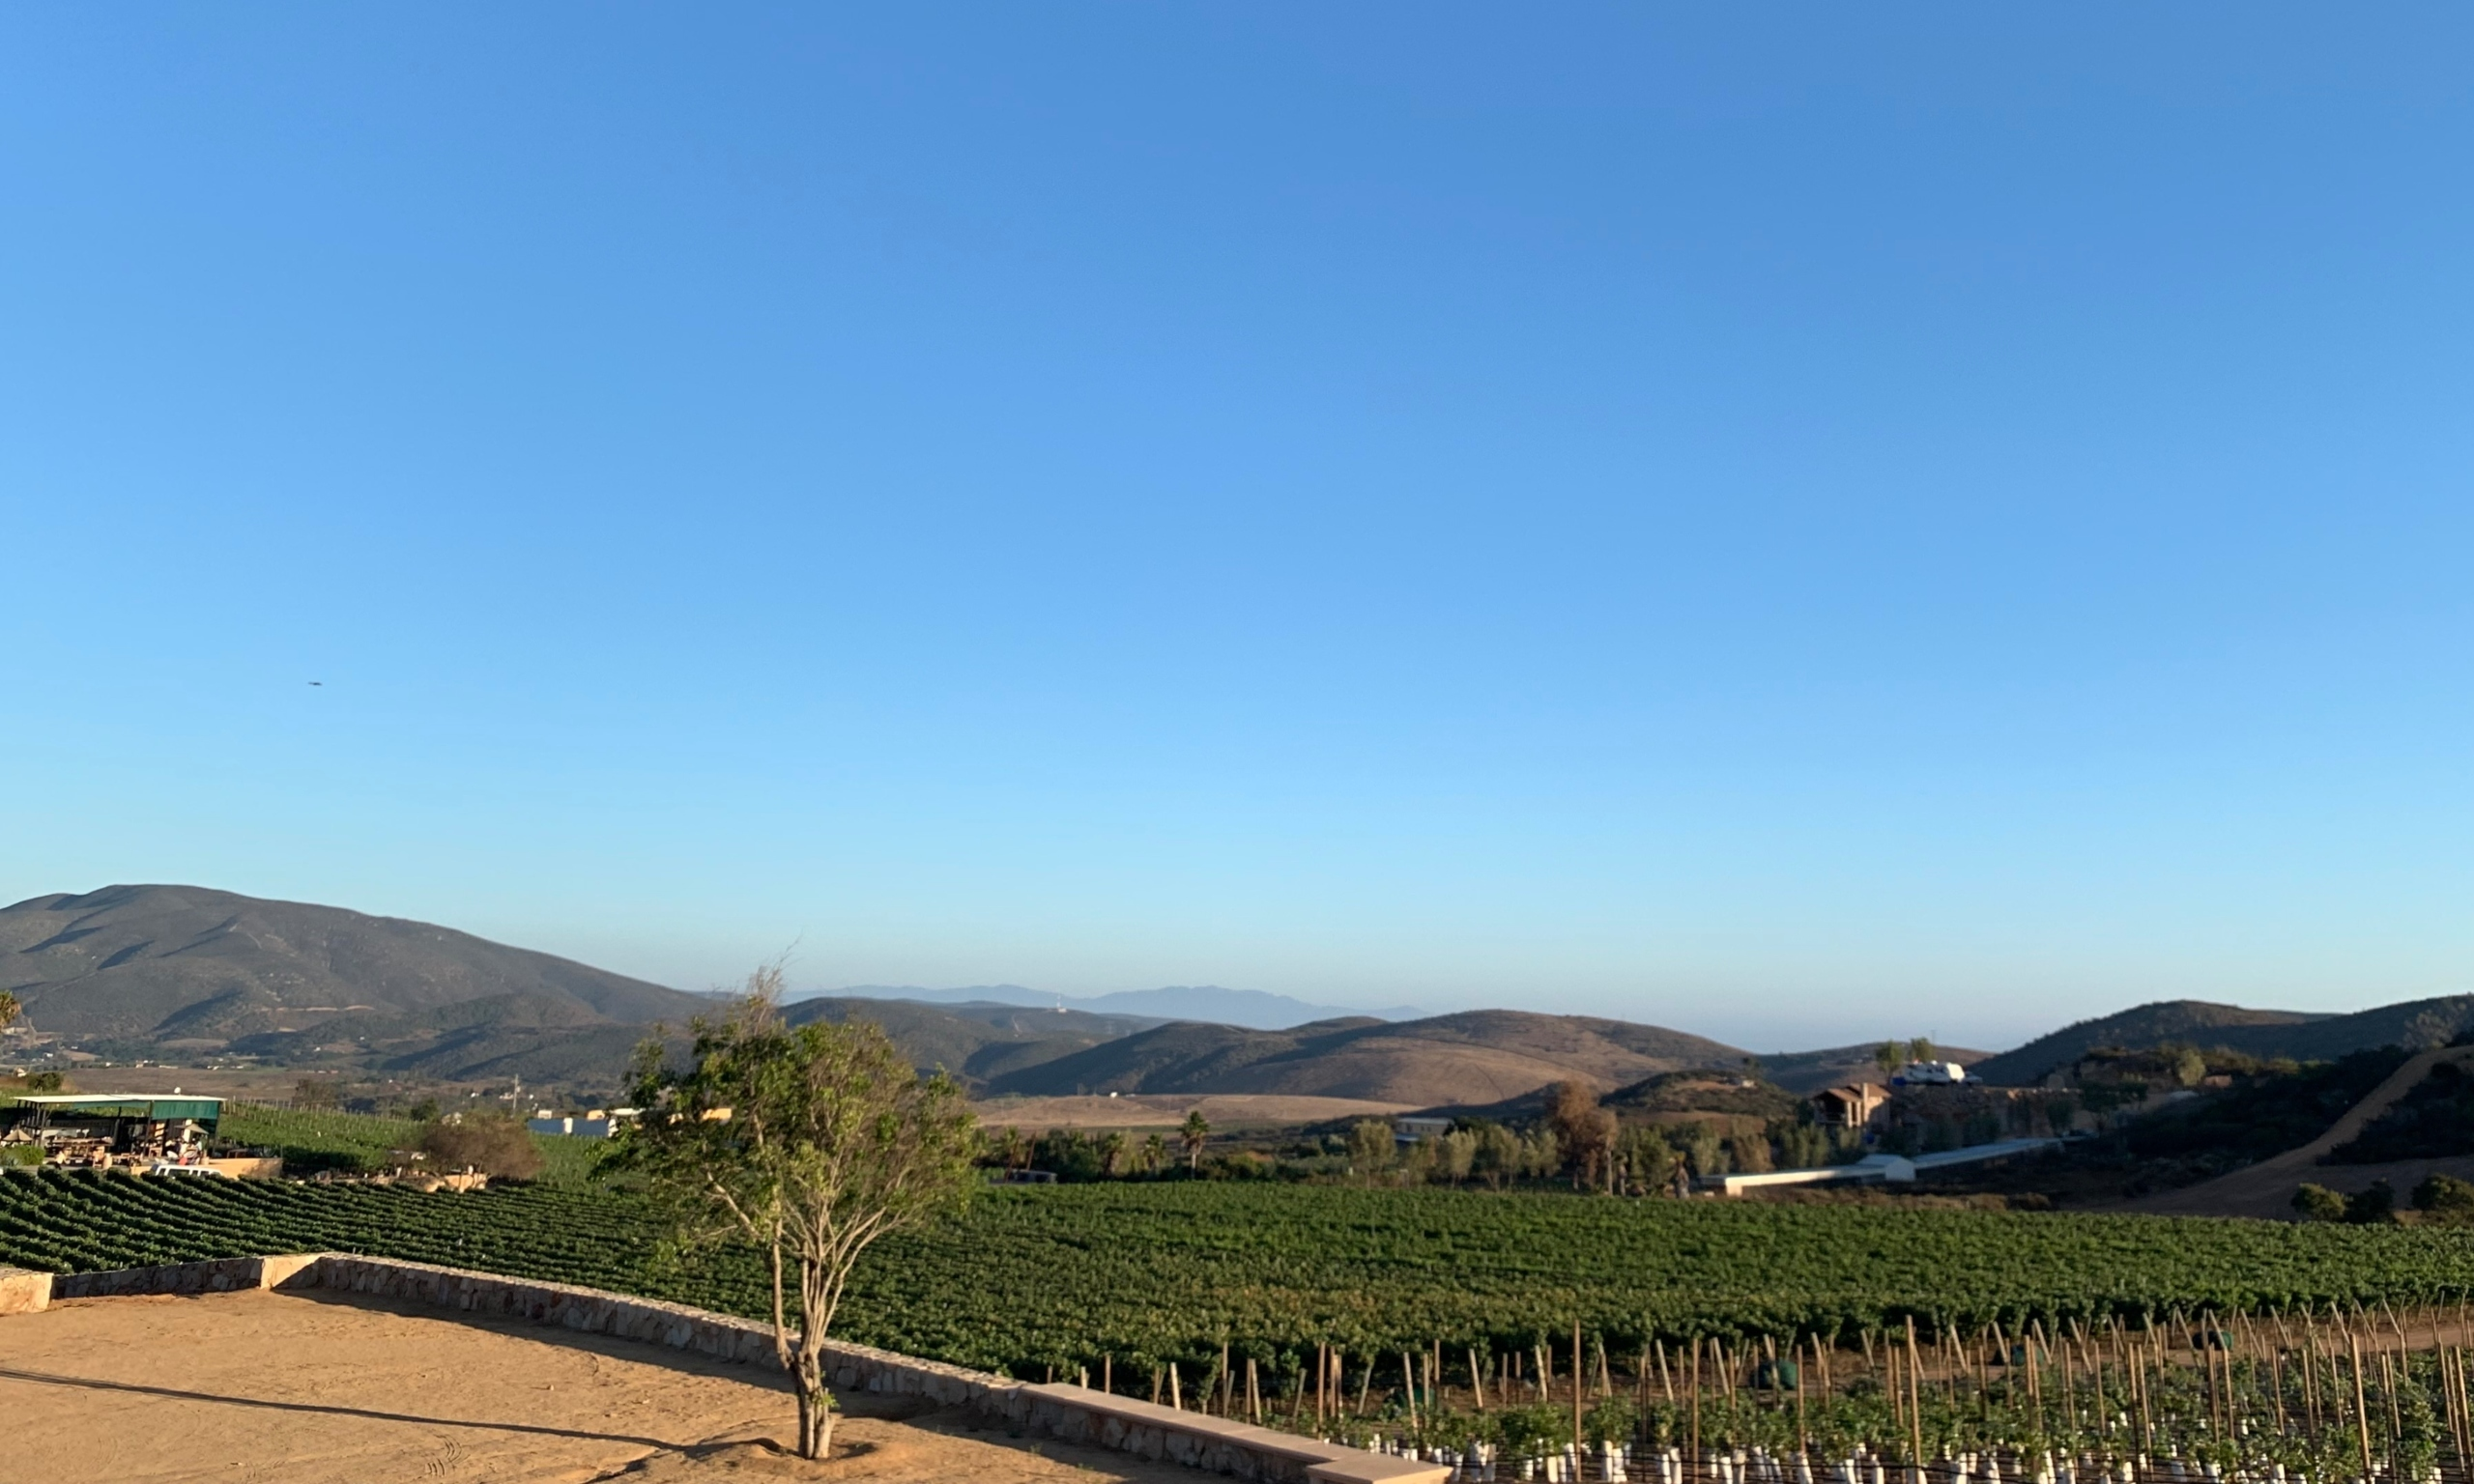 Viñedos y bodegas de vino en Valle de Guadalupe